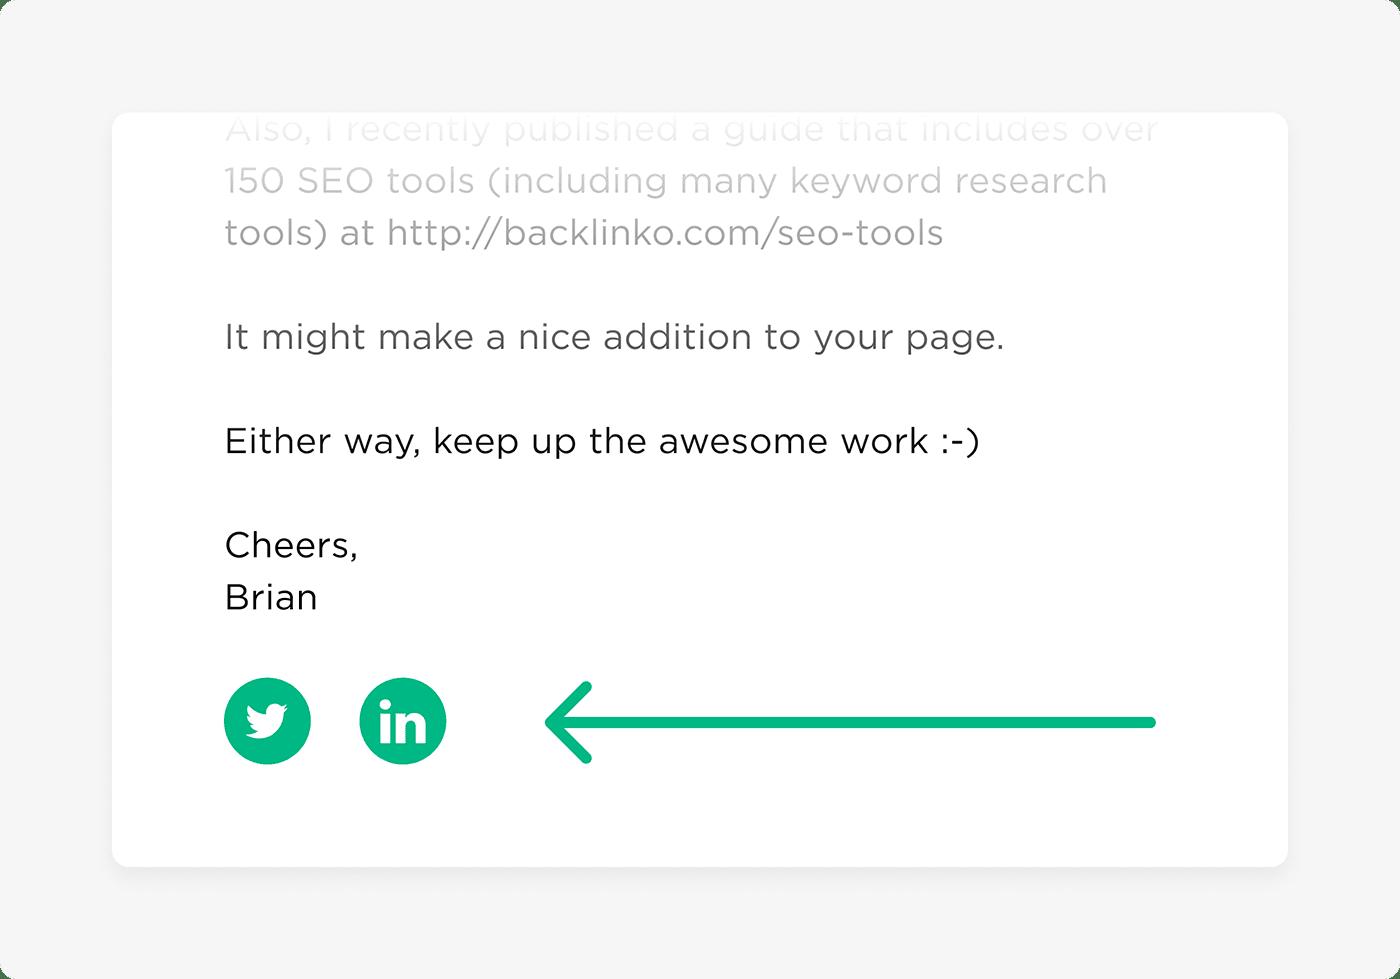 Thêm liên kết vào hồ sơ xã hội của bạn trong chữ ký của bạn